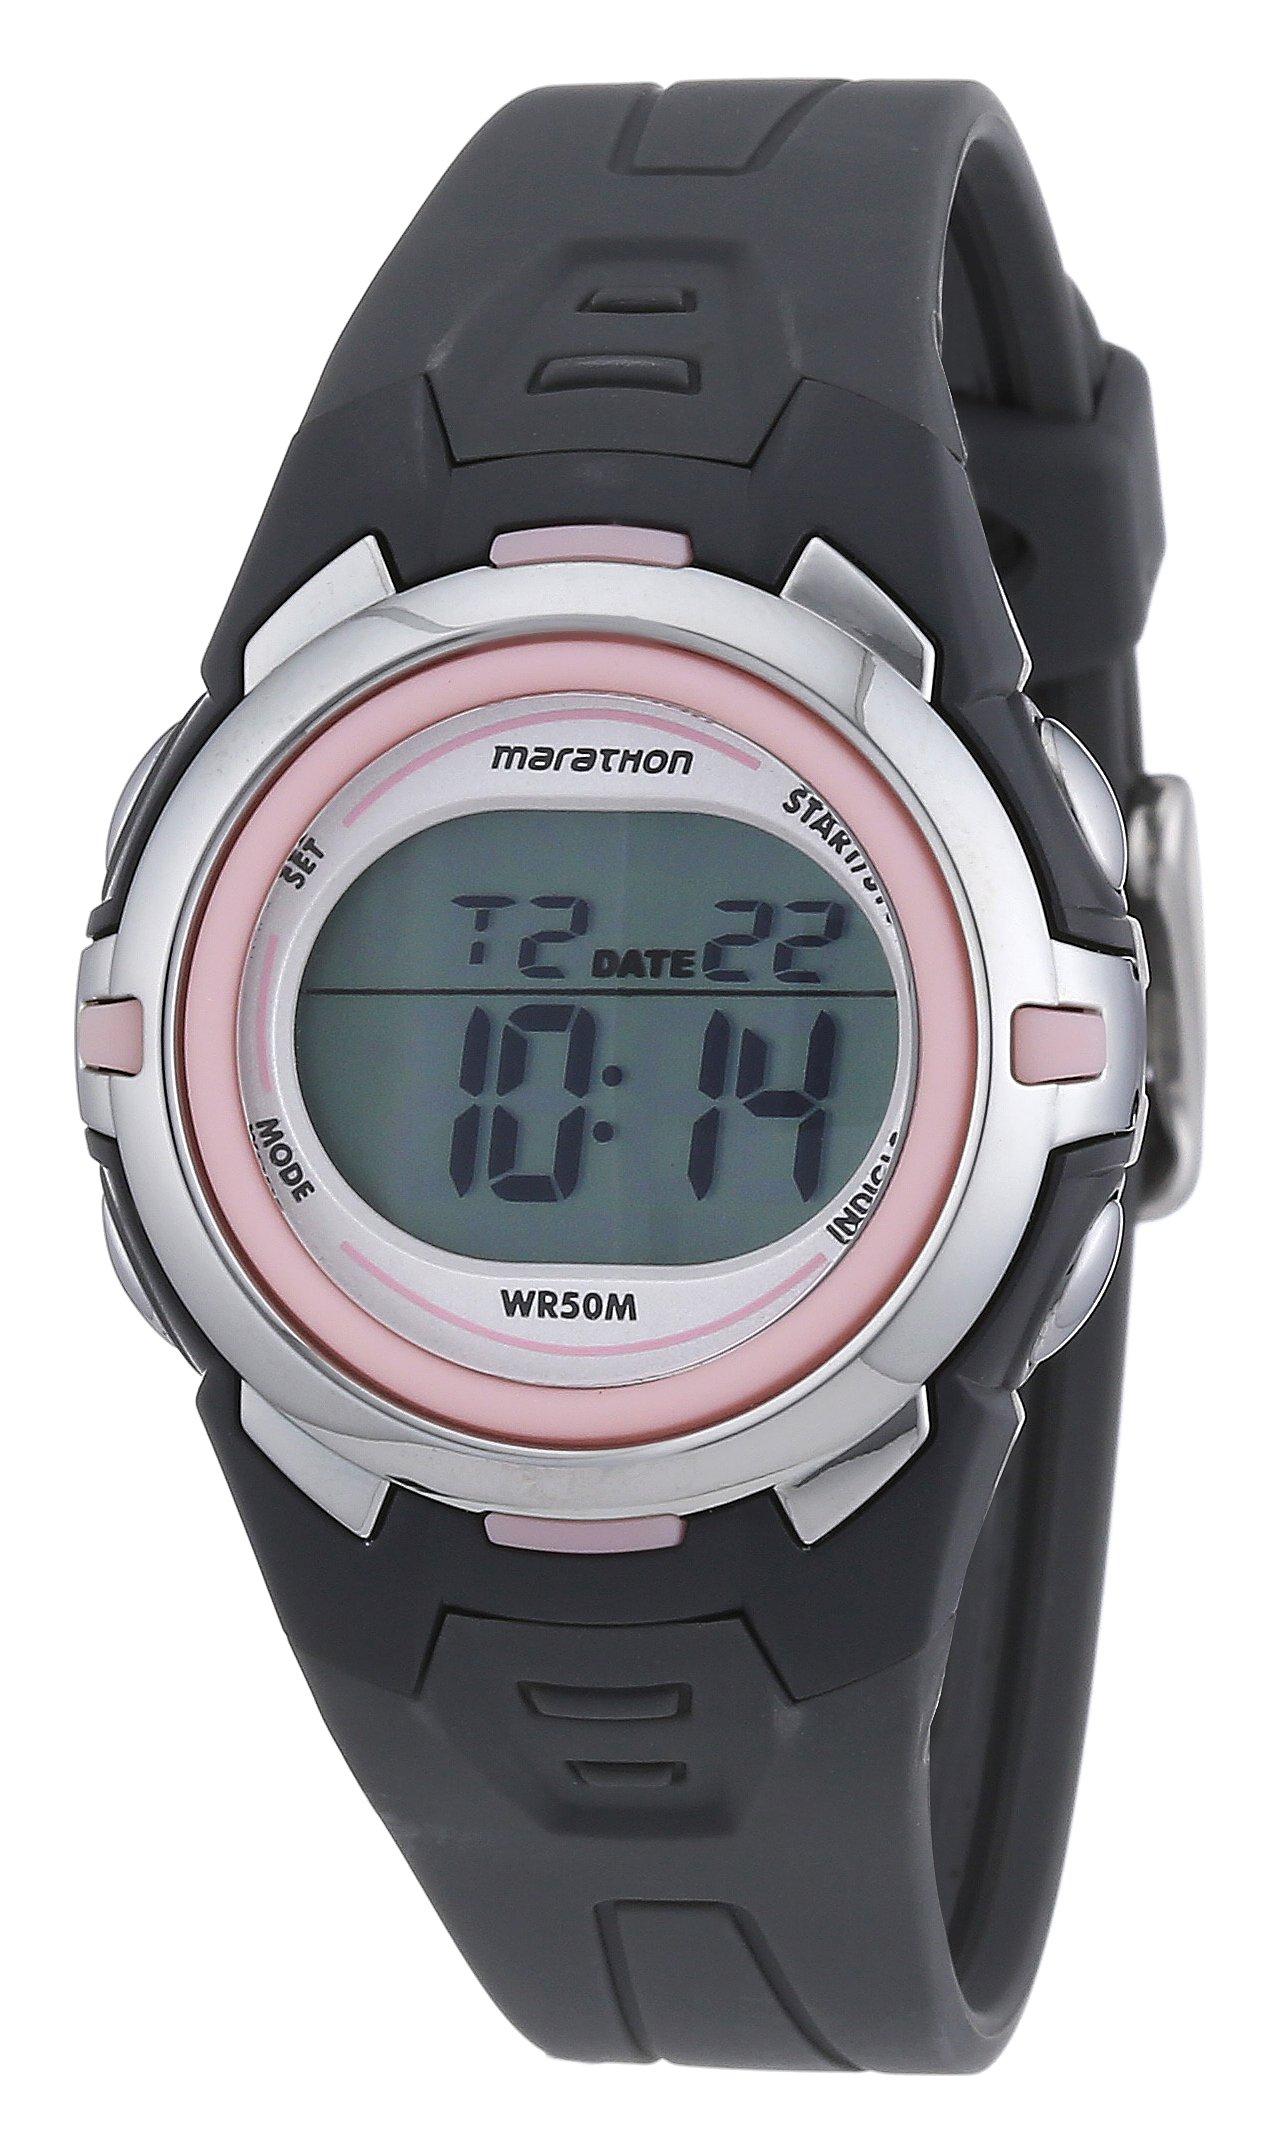 Marathon by Timex Women's T5K360 Digital Mid-Size Dark Gray/Pink Resin Strap Watch